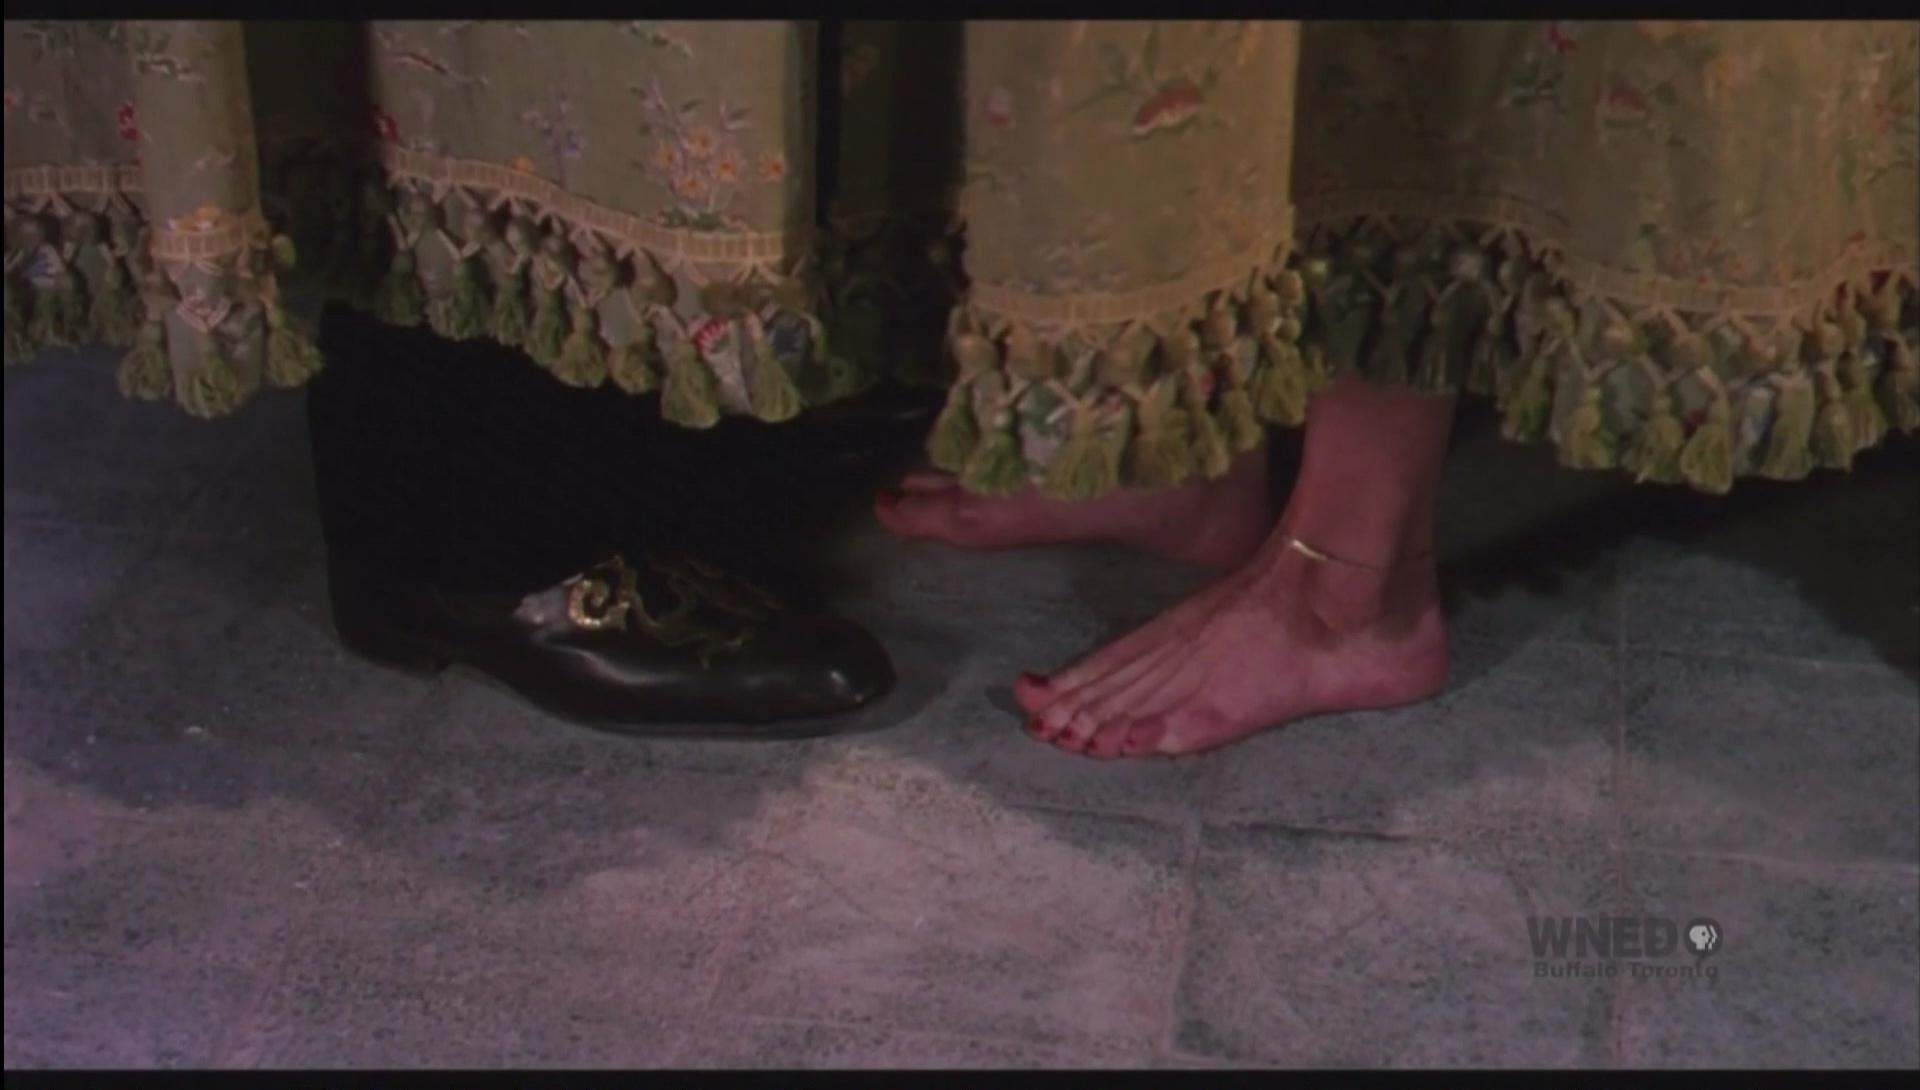 Ava Gardner's Feet